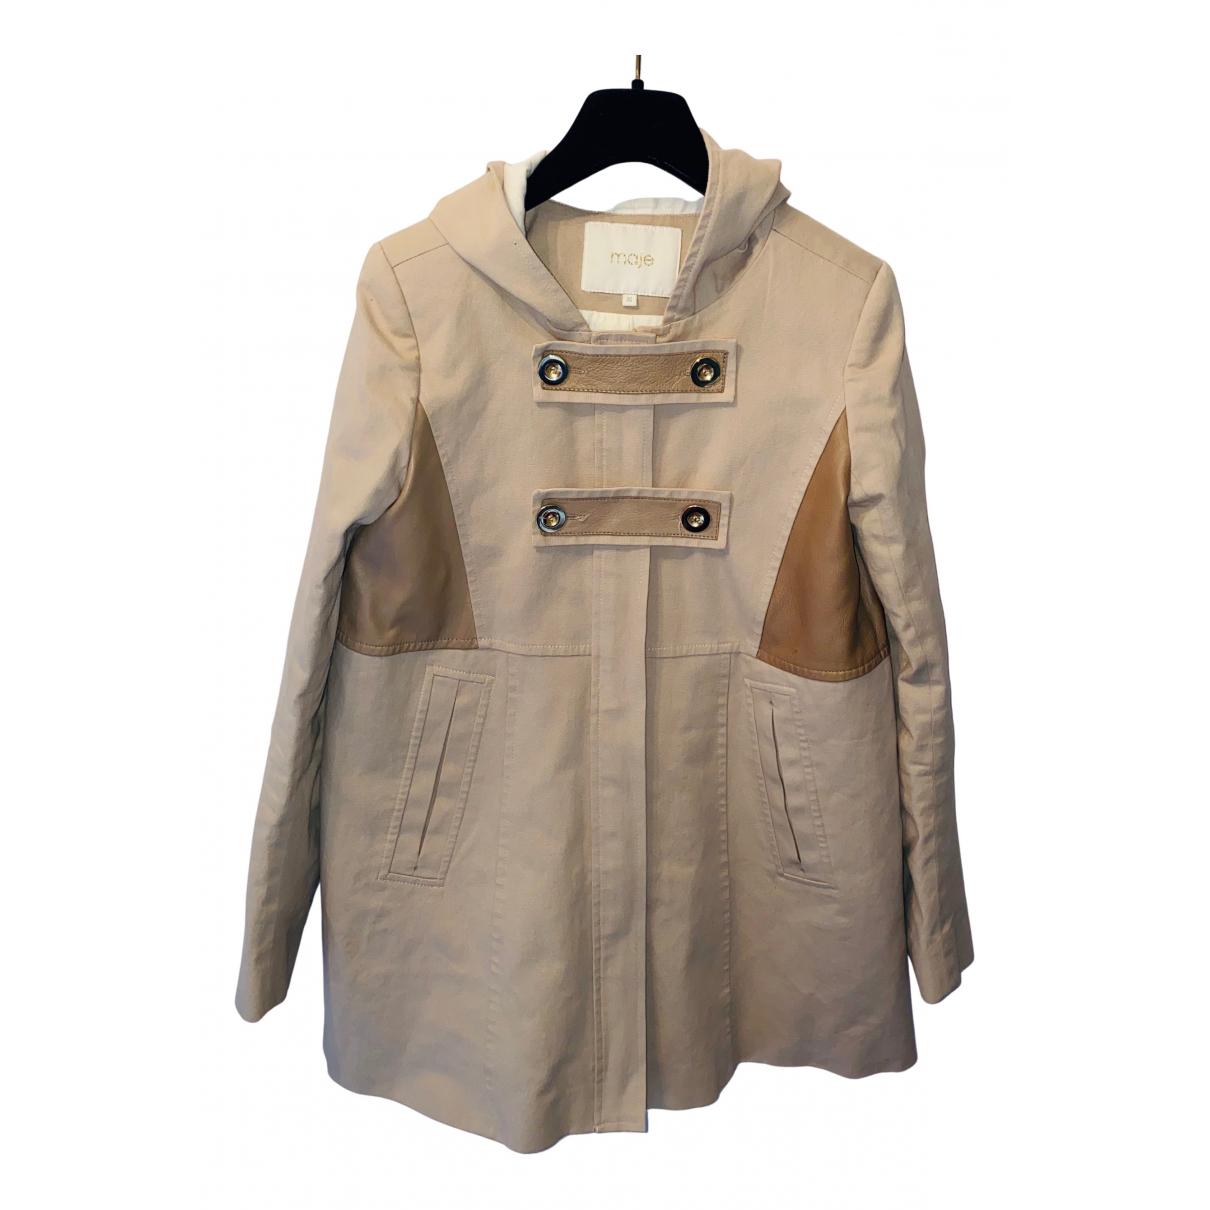 Maje - Manteau   pour femme en coton - beige